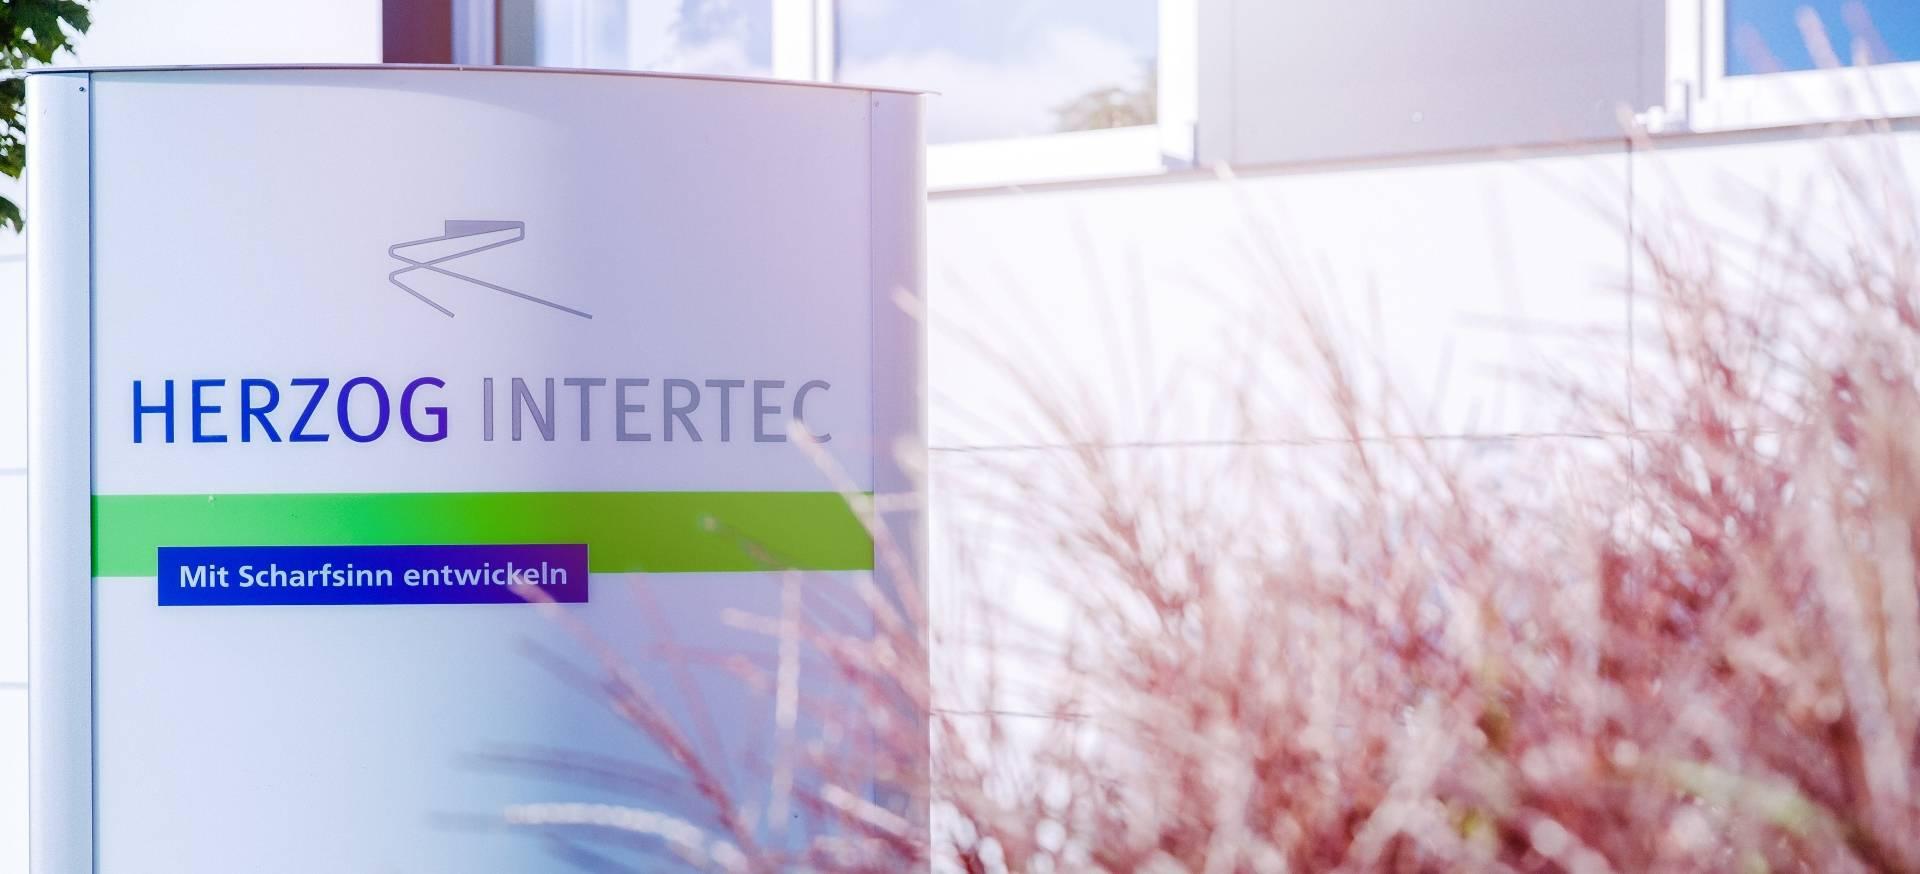 Firmenschild der Herzog Intertec GmbH